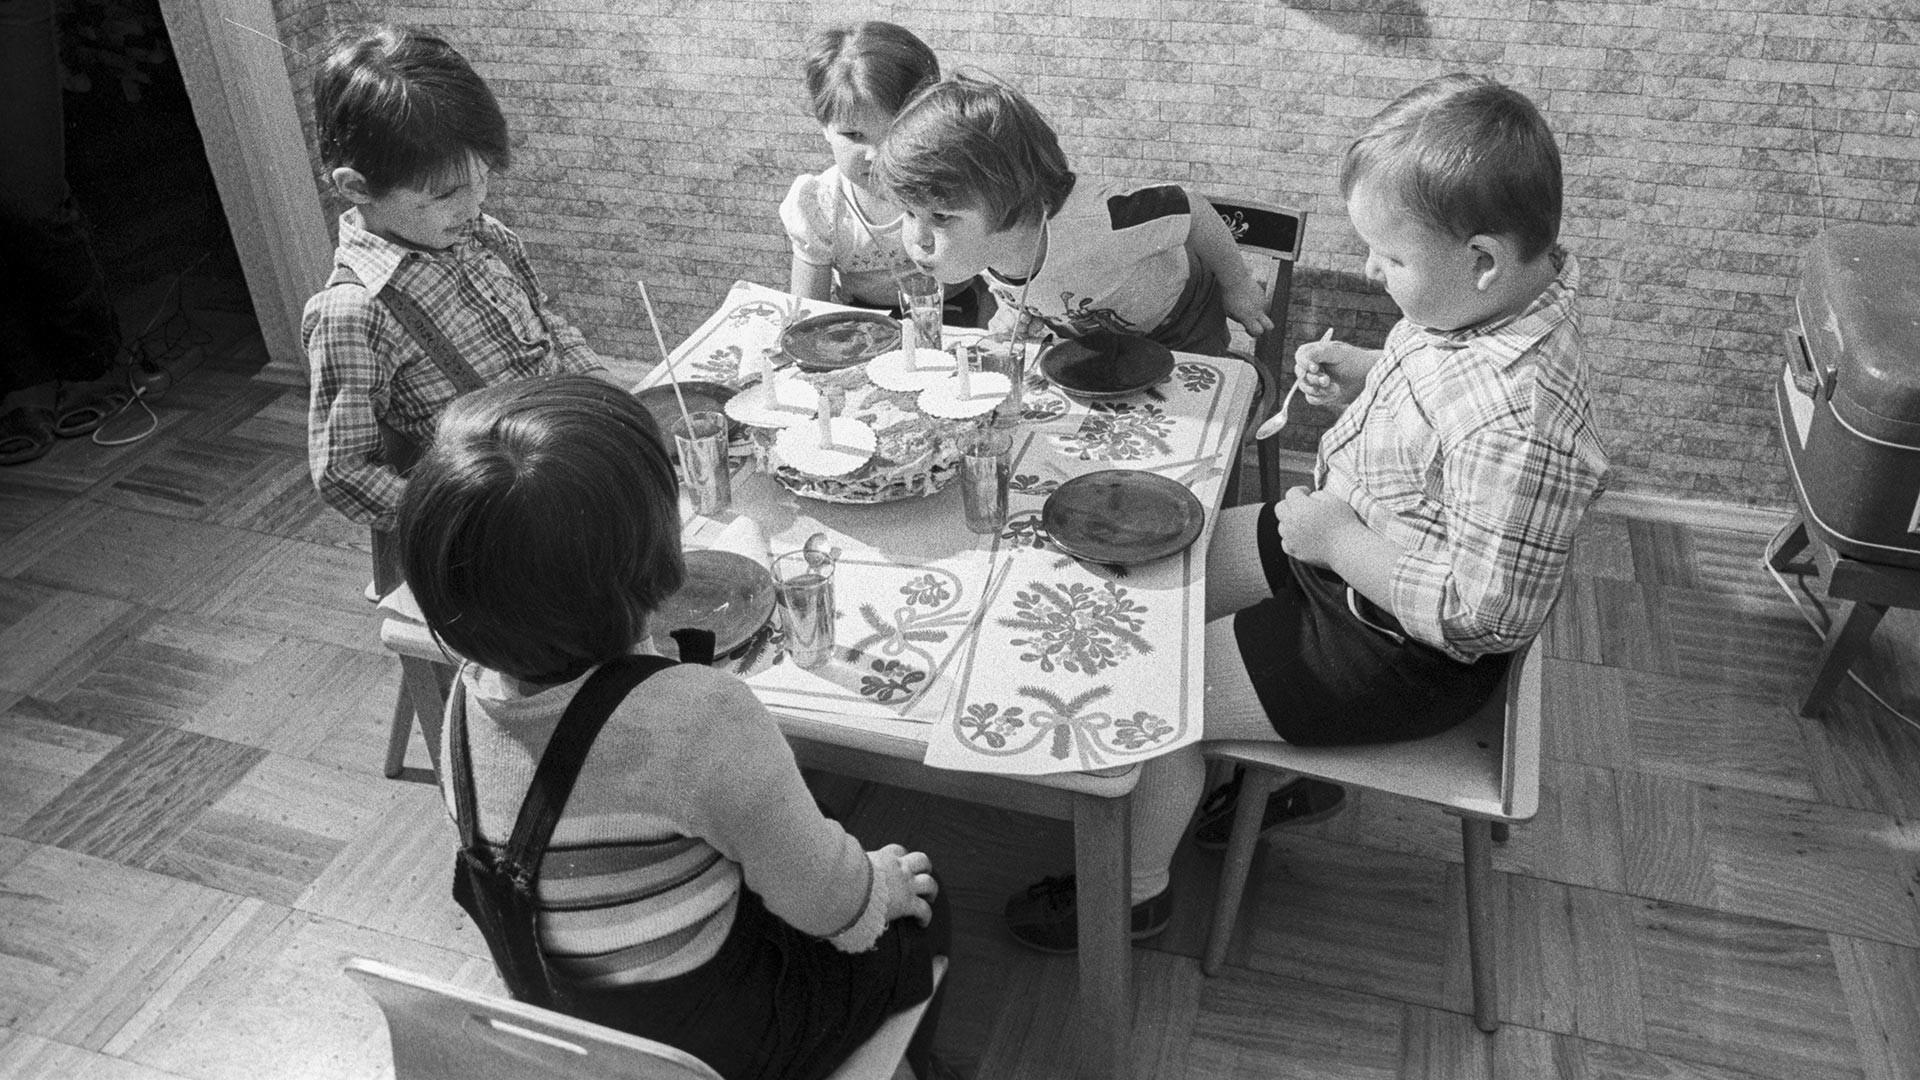 L'anniversaire d'un enfant typique en URSS ressemblait à ceci